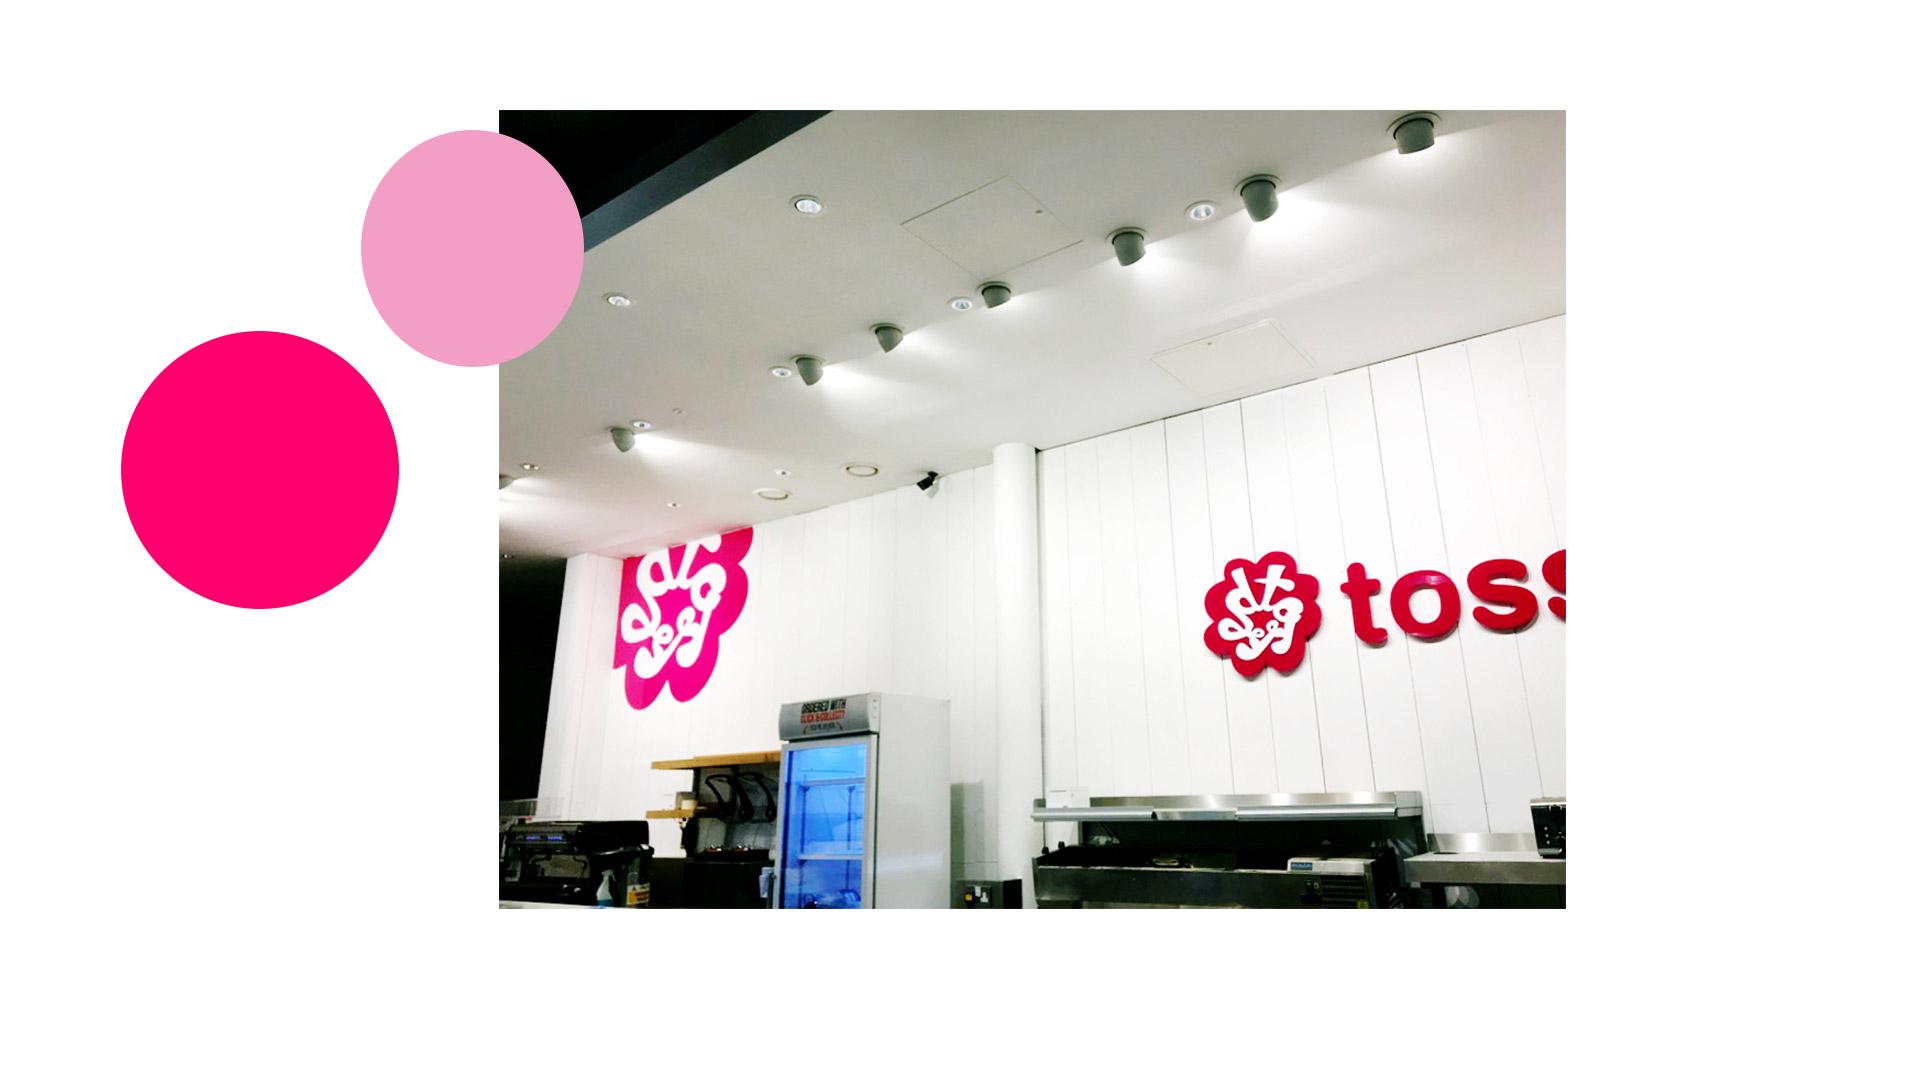 Tossed_GS_interiors_2